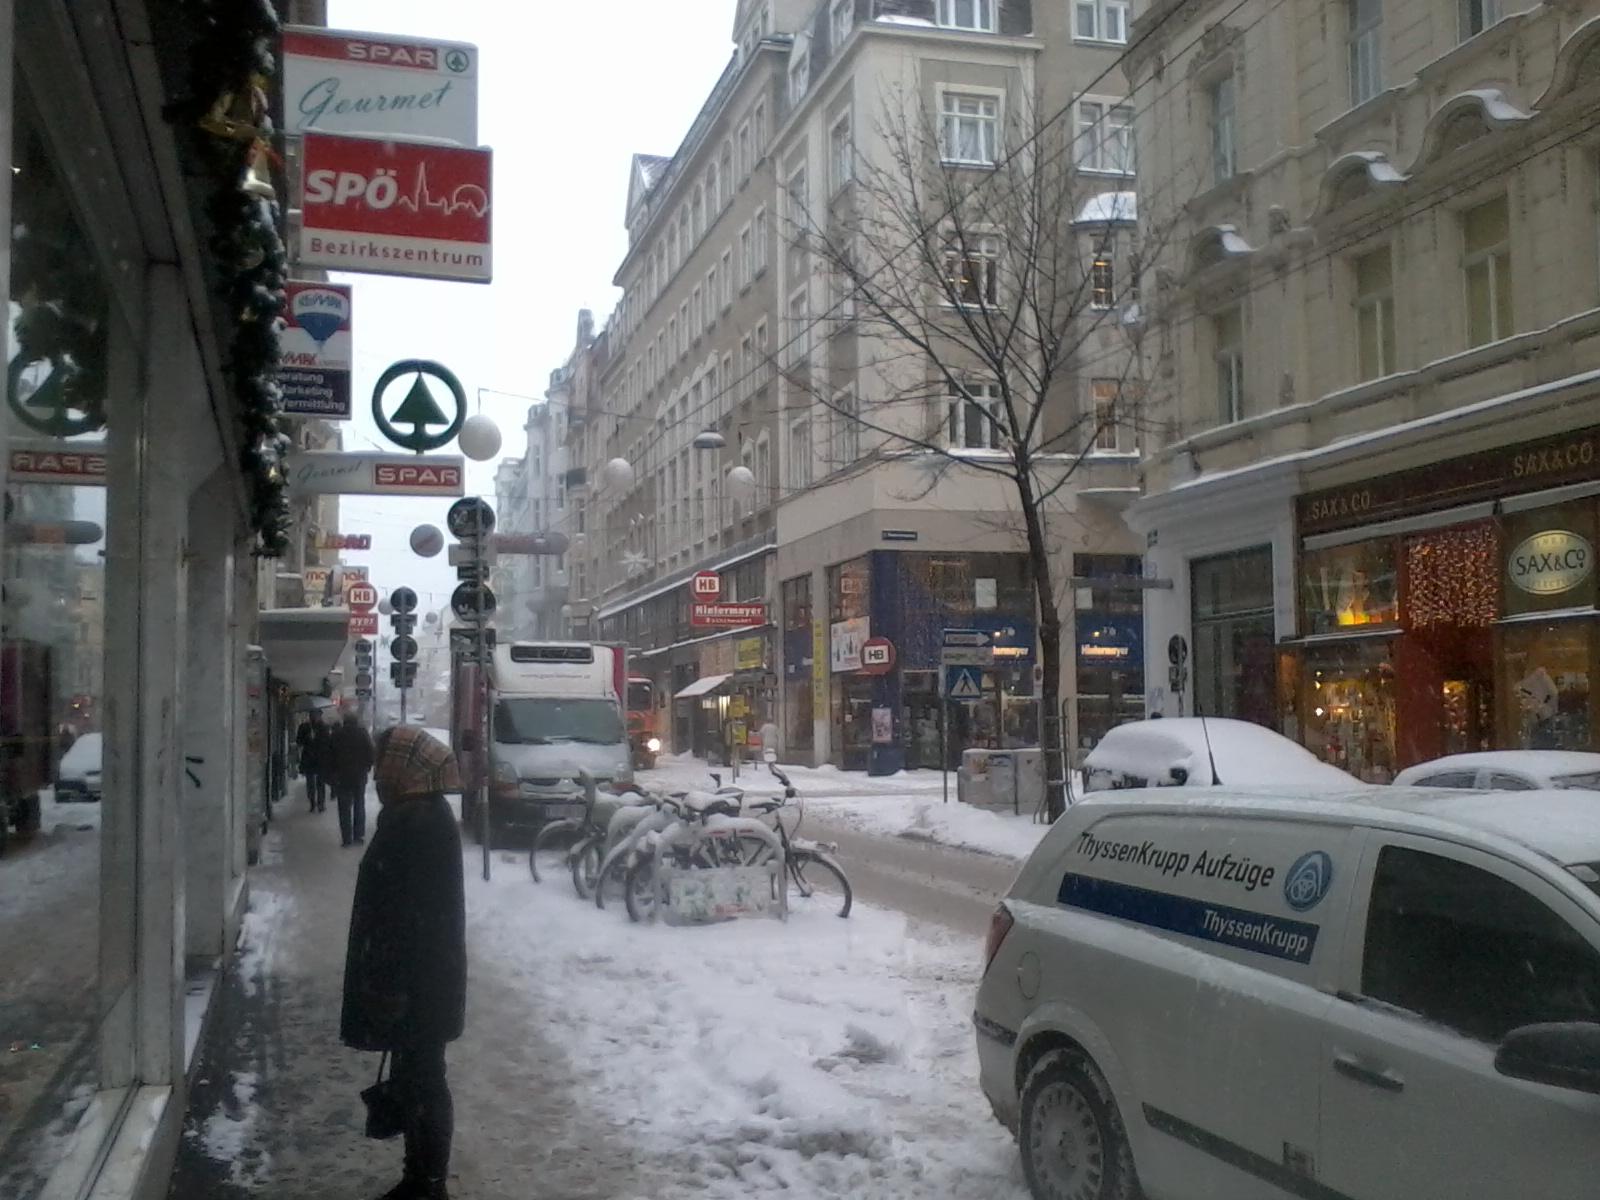 Wien+1070+Schnee Faszinierend 40 Watt Glühbirne Entspricht Energiesparlampe Dekorationen